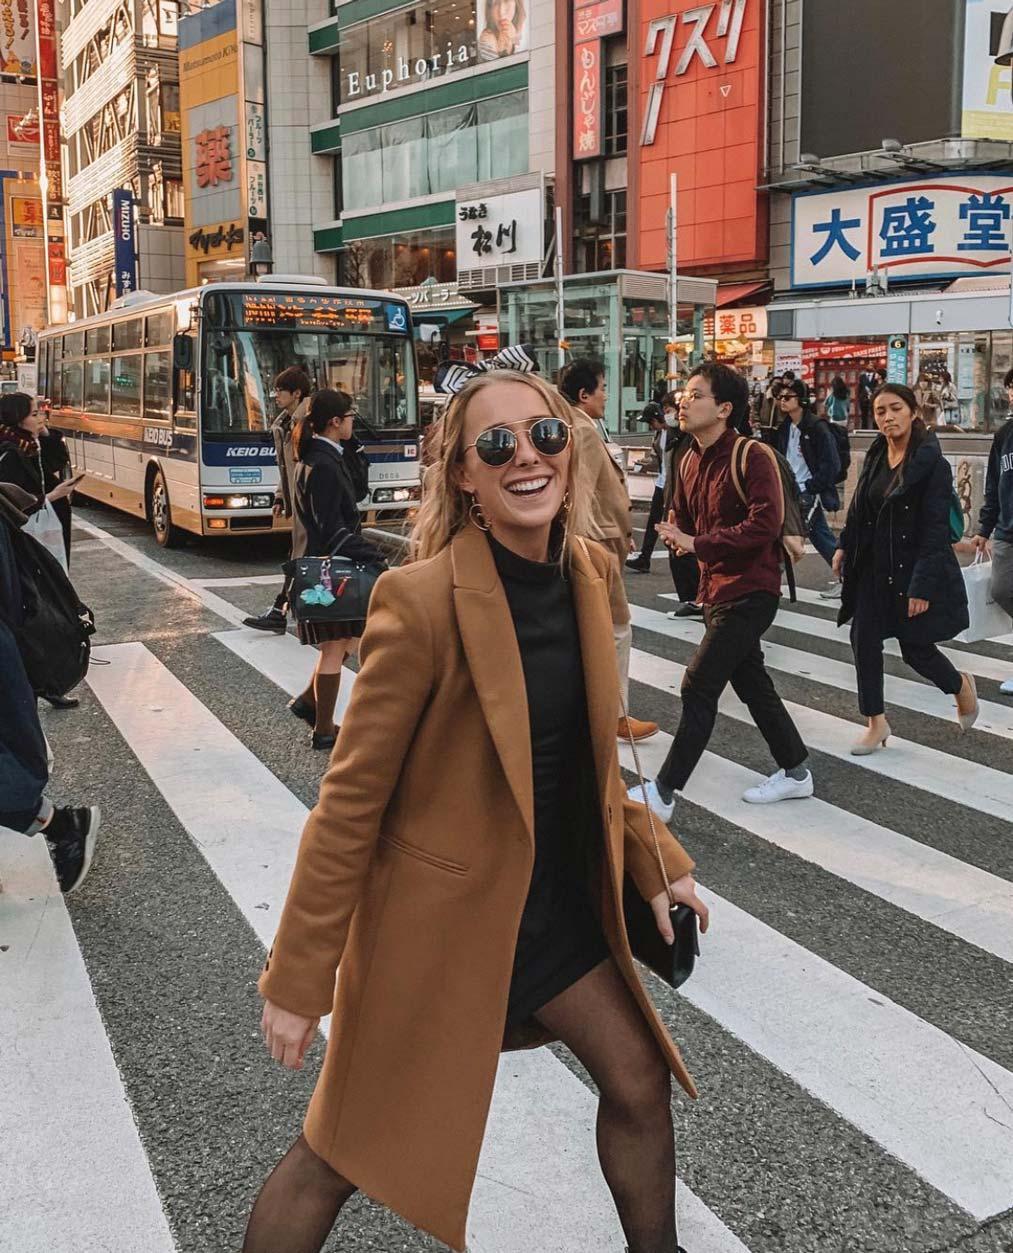 A girl in a brown coat walking across a busy cross walk